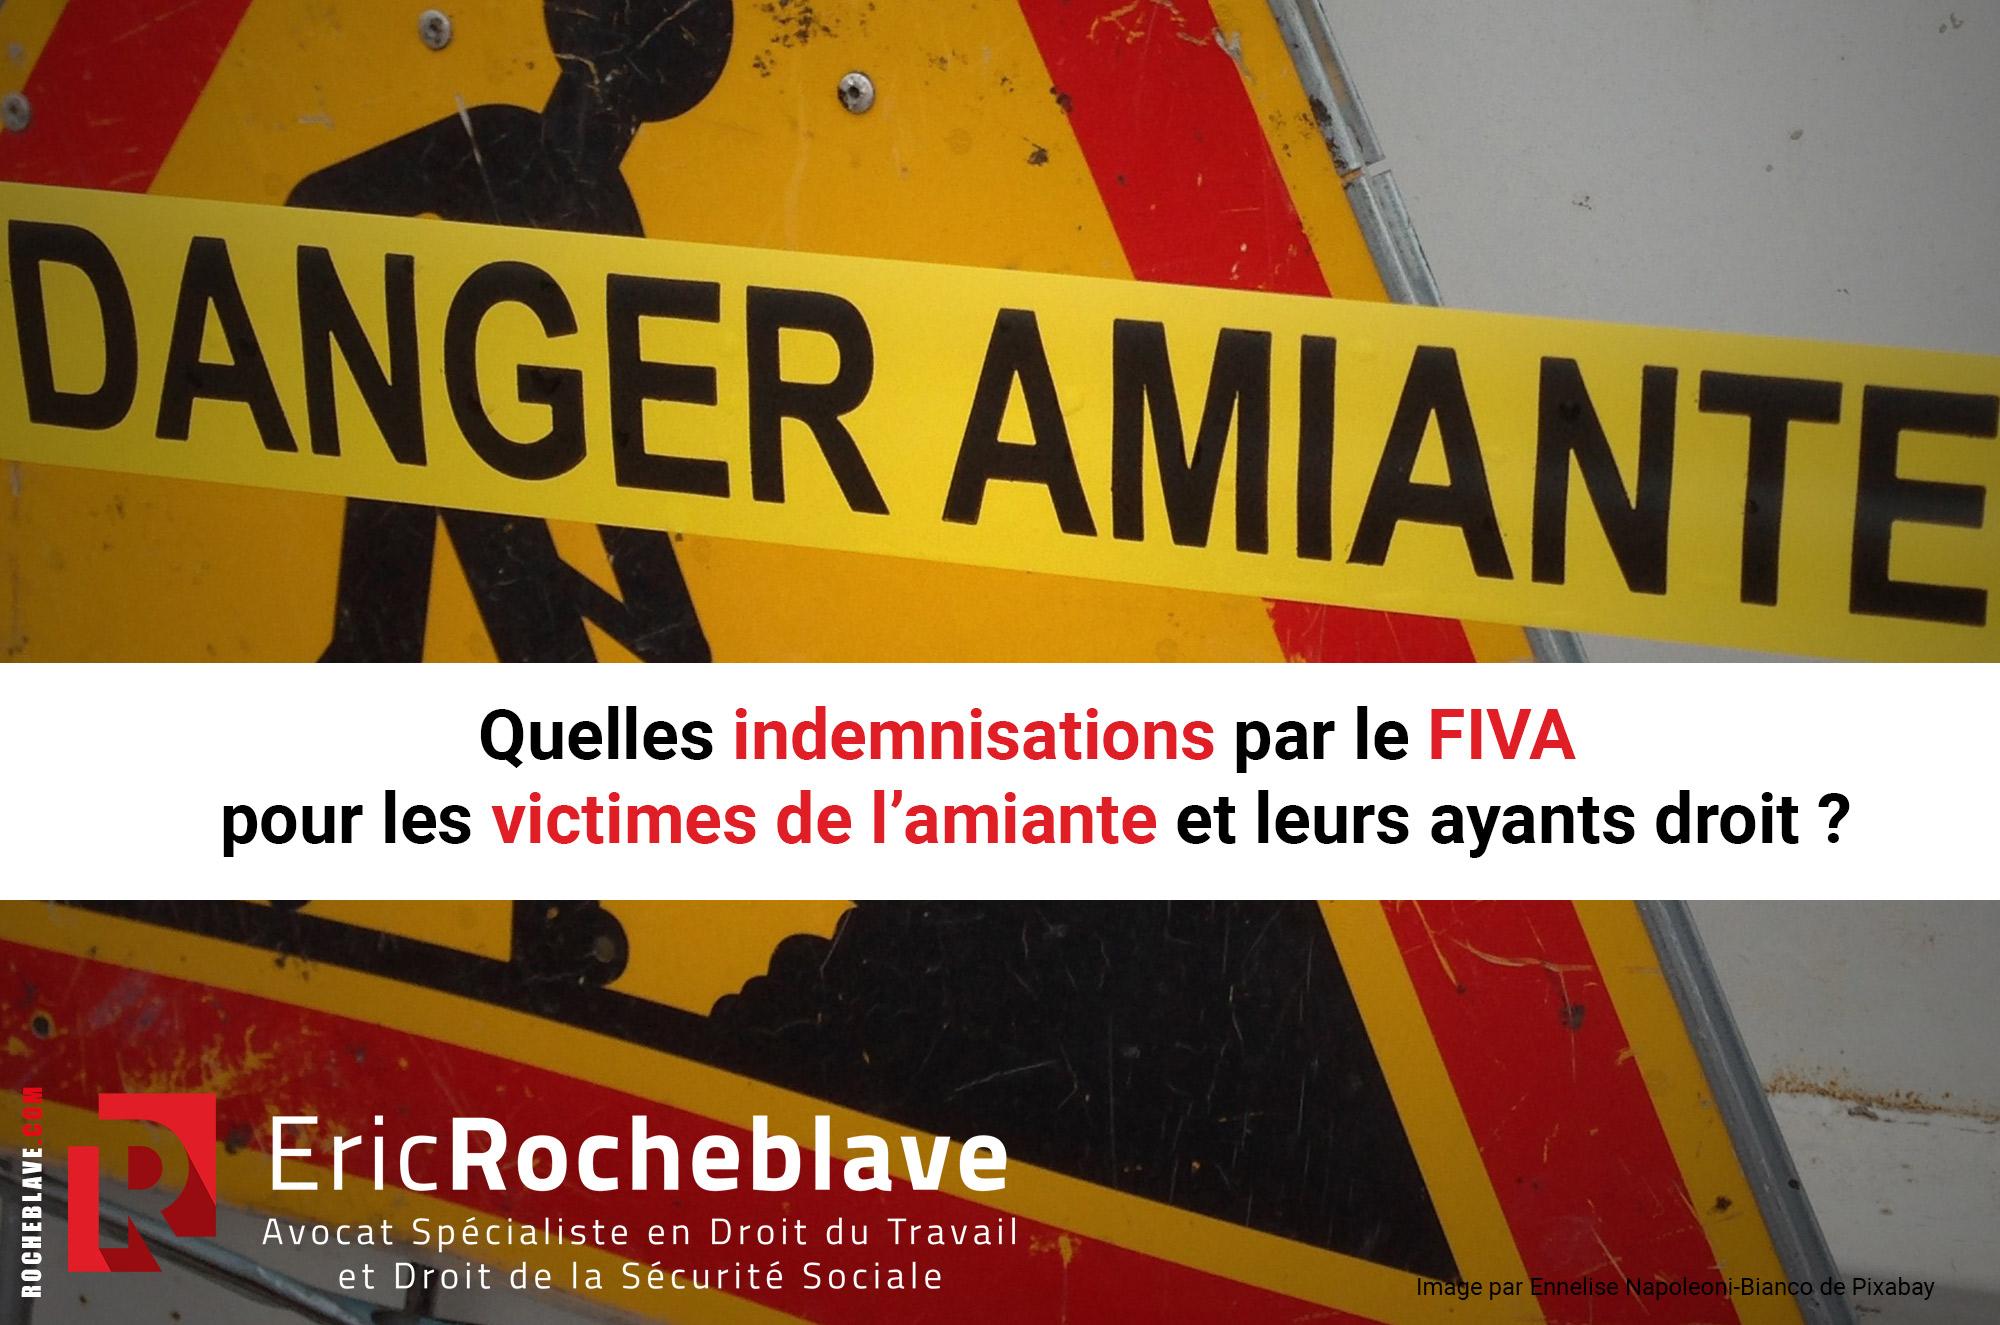 Quelles indemnisations par le FIVA pour les victimes de l'amiante et leurs ayants droit ?